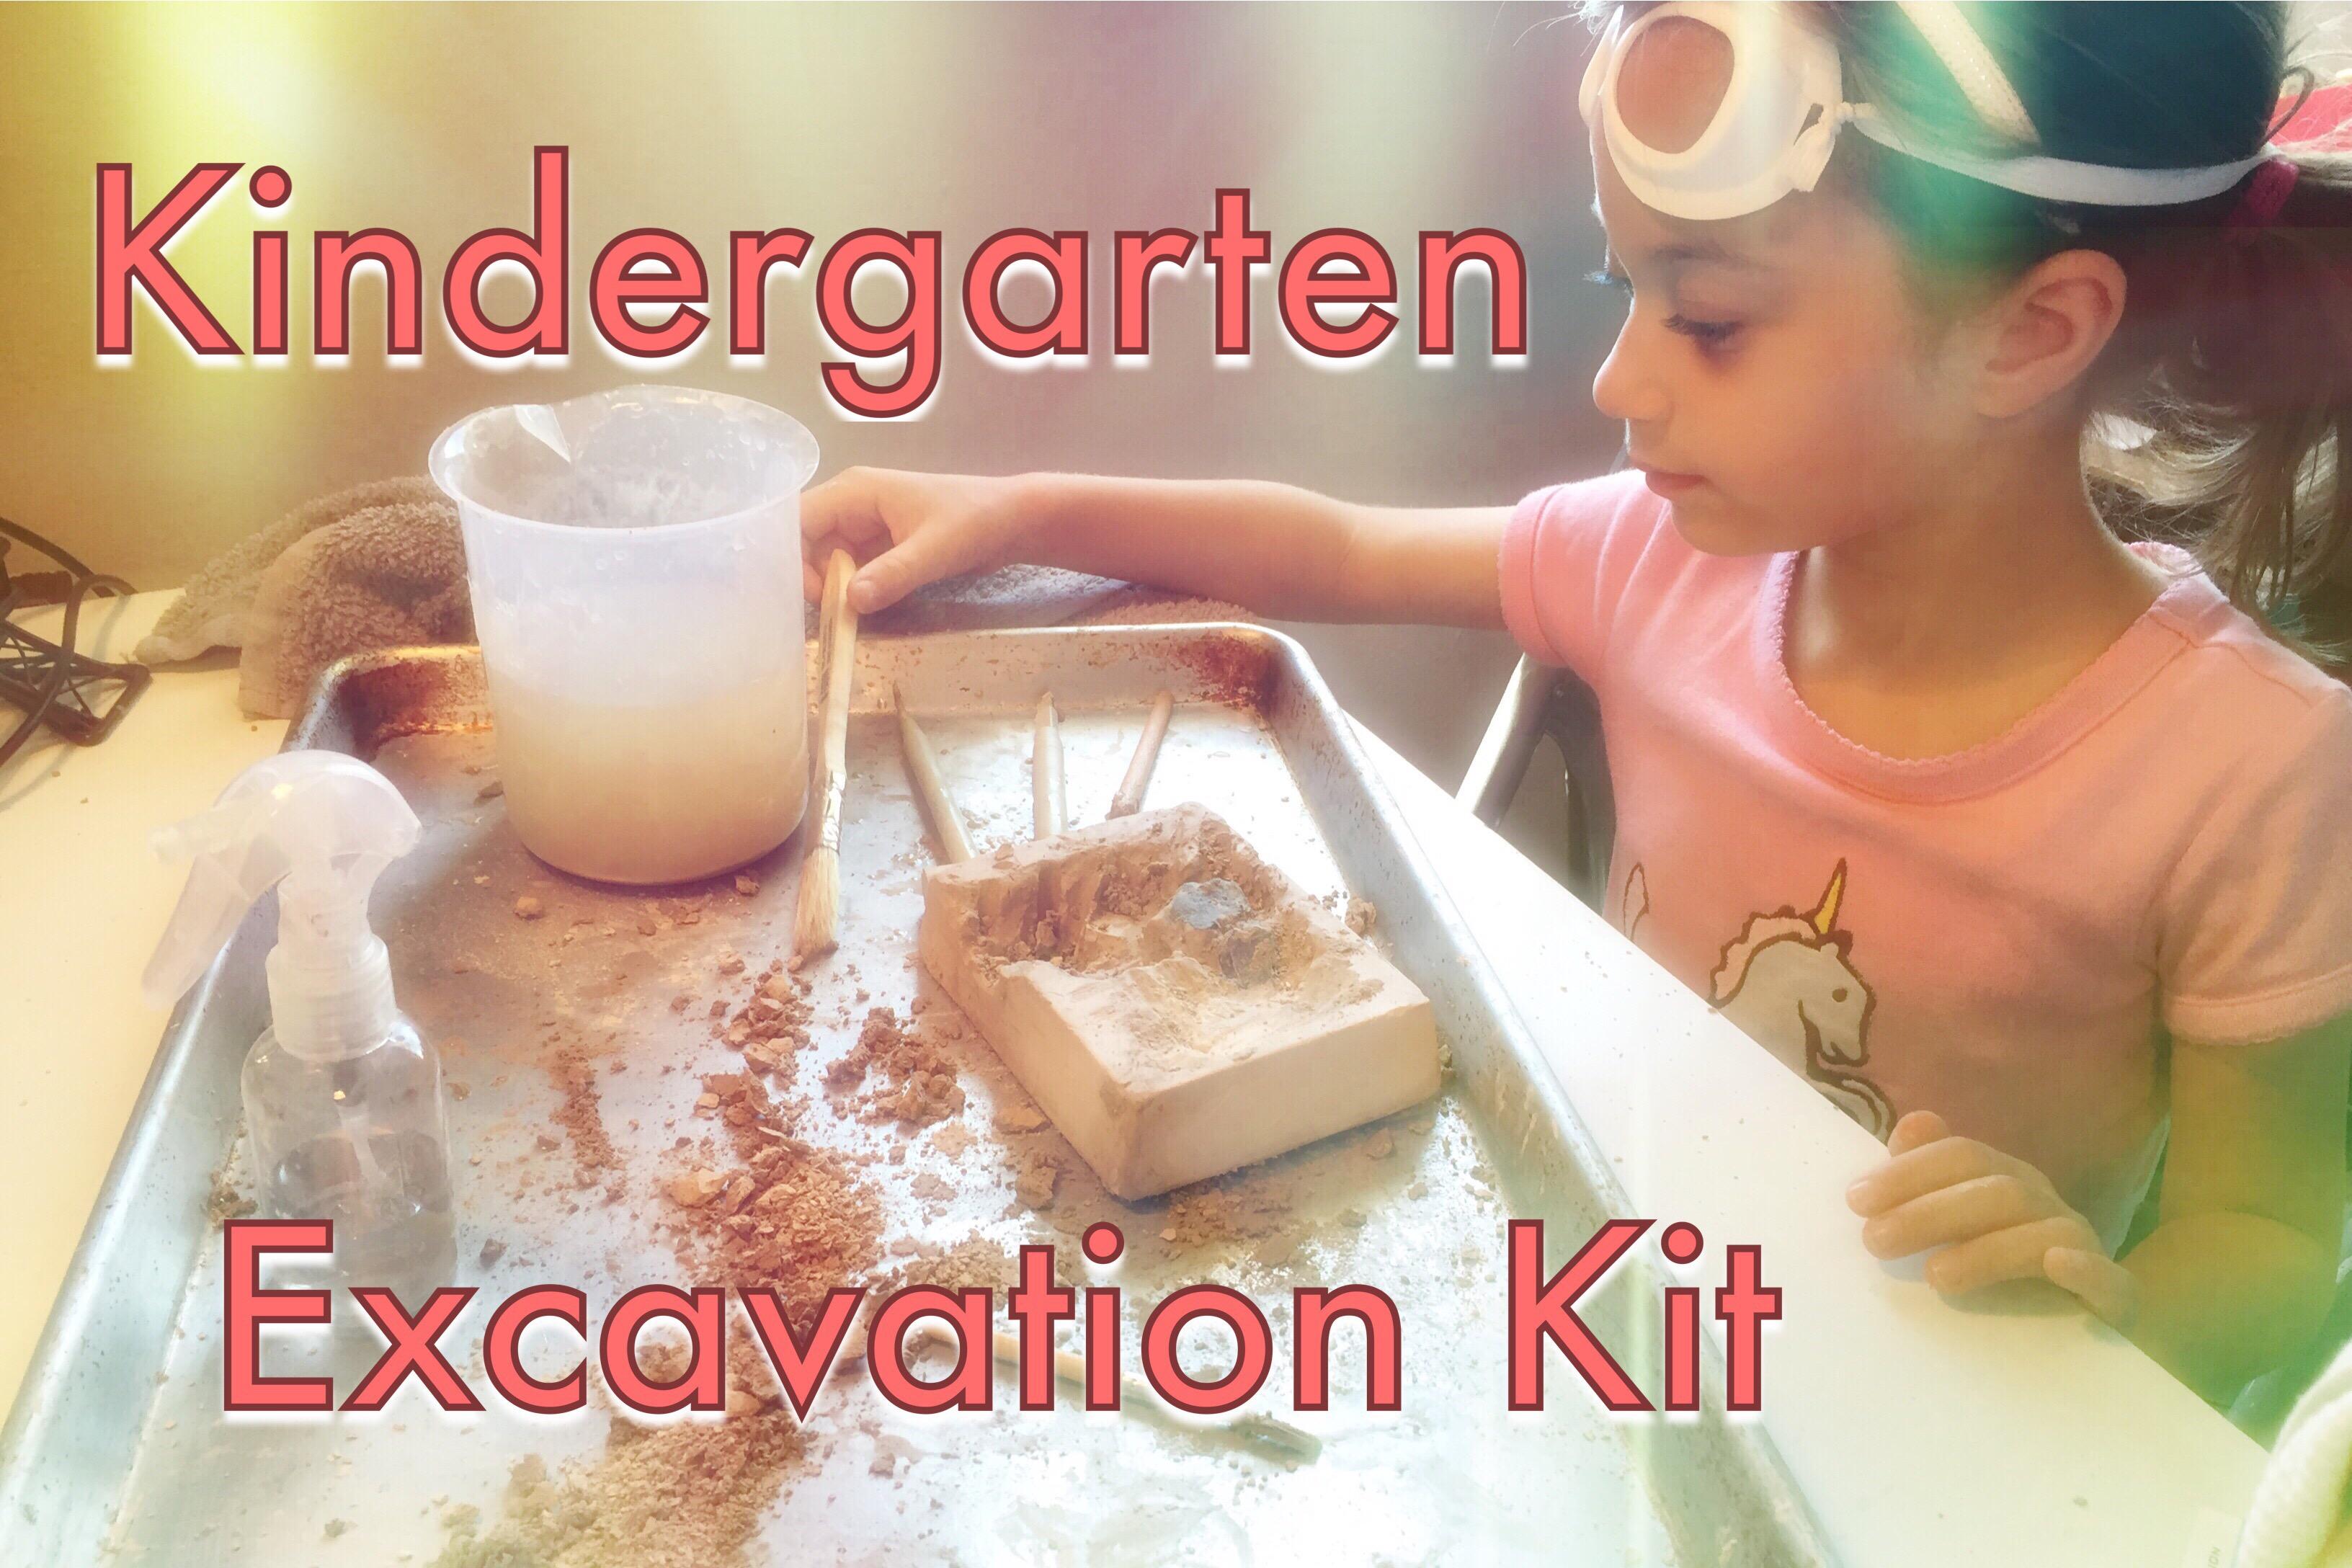 Rock Excavation Kit | Kindergarten